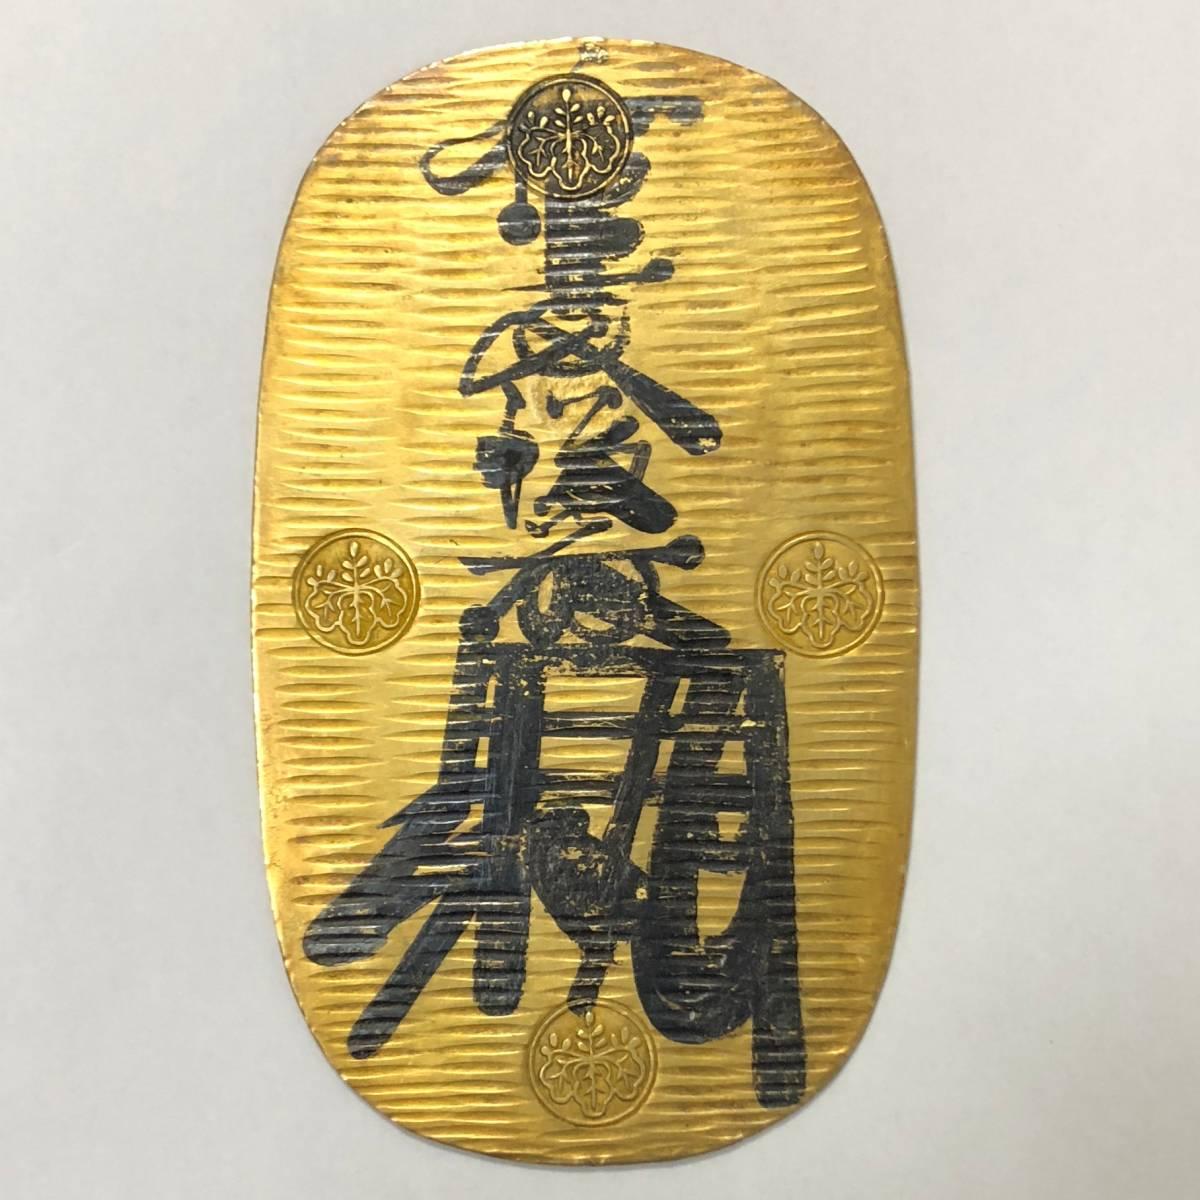 万延大判金 112.626g Gold46.1% 古銭 金貨 骨董 小判